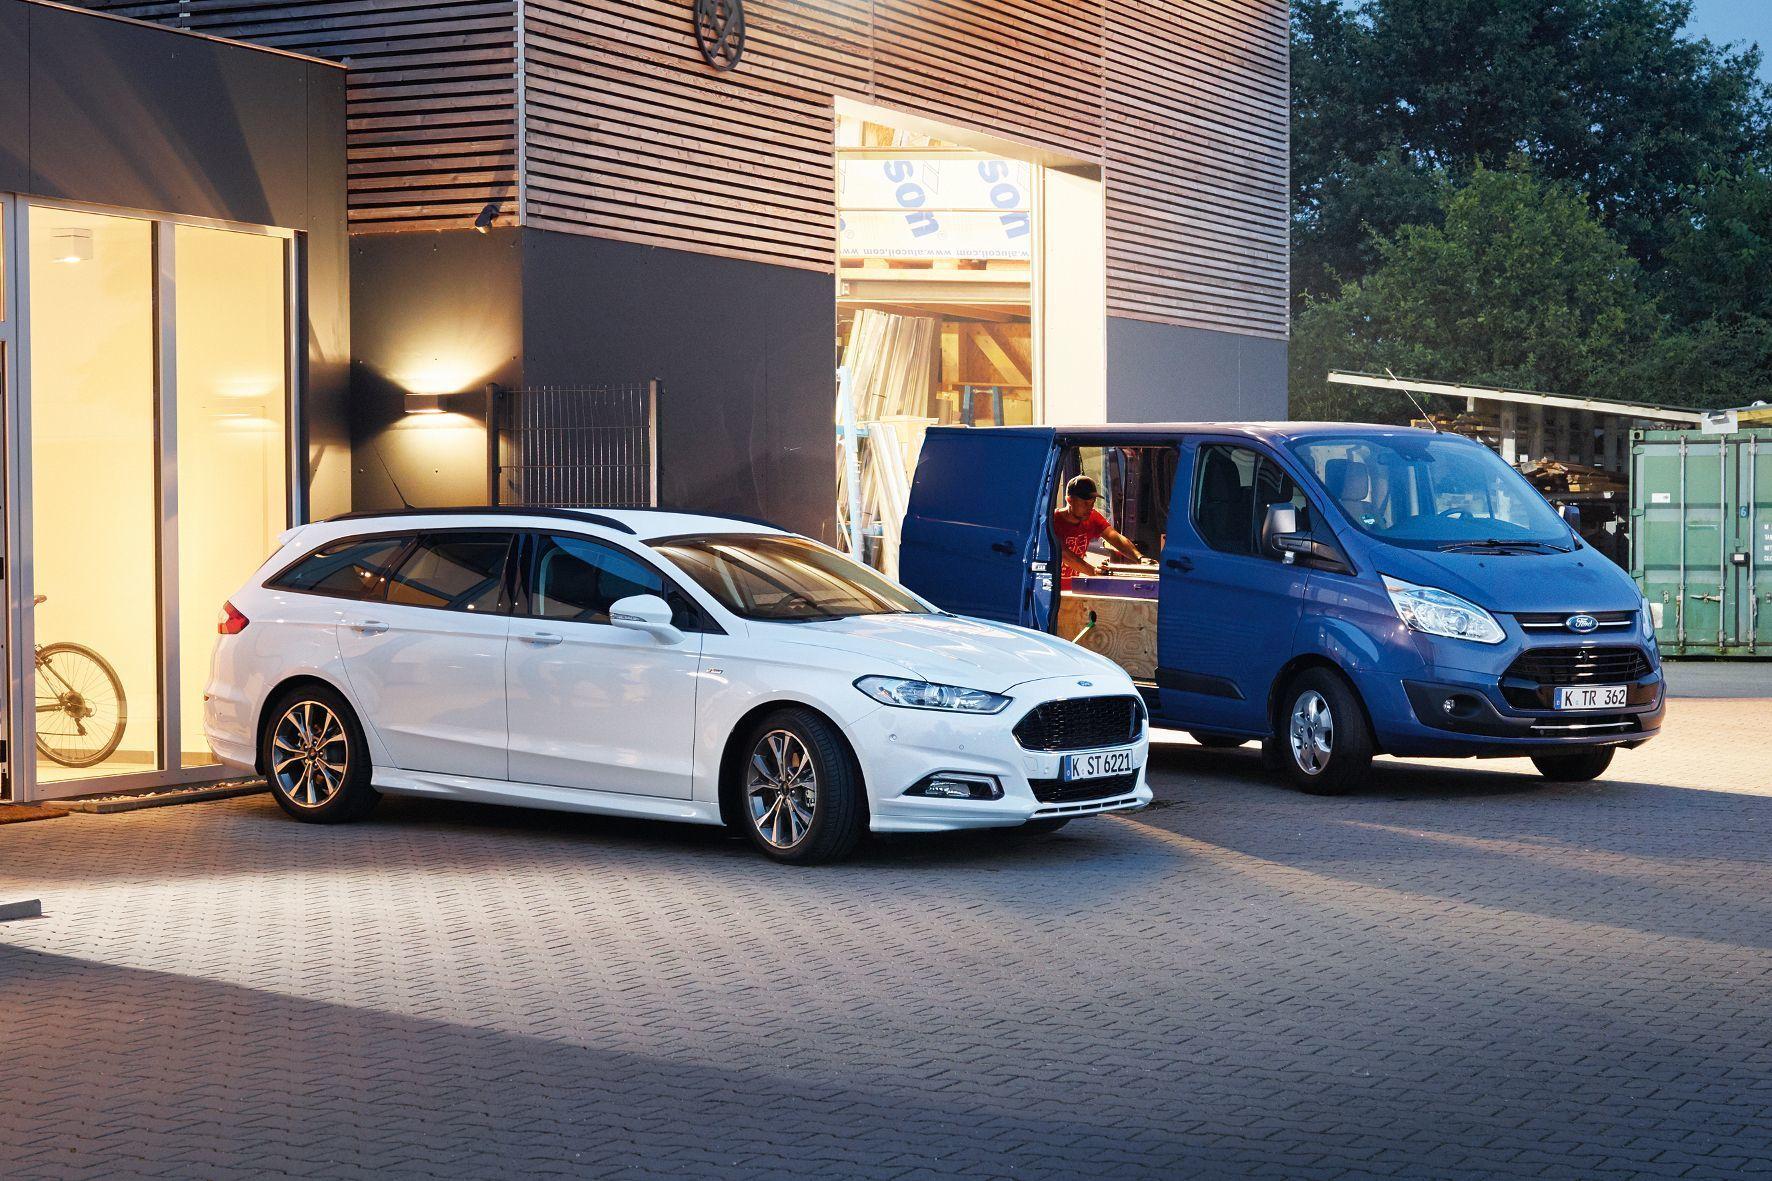 mid Groß-Gerau - Bei den Gewerbe-Wochen von Ford profitieren Geschäftskunden von Sonderangeboten für Pkw und Nutzfahrzeuge.